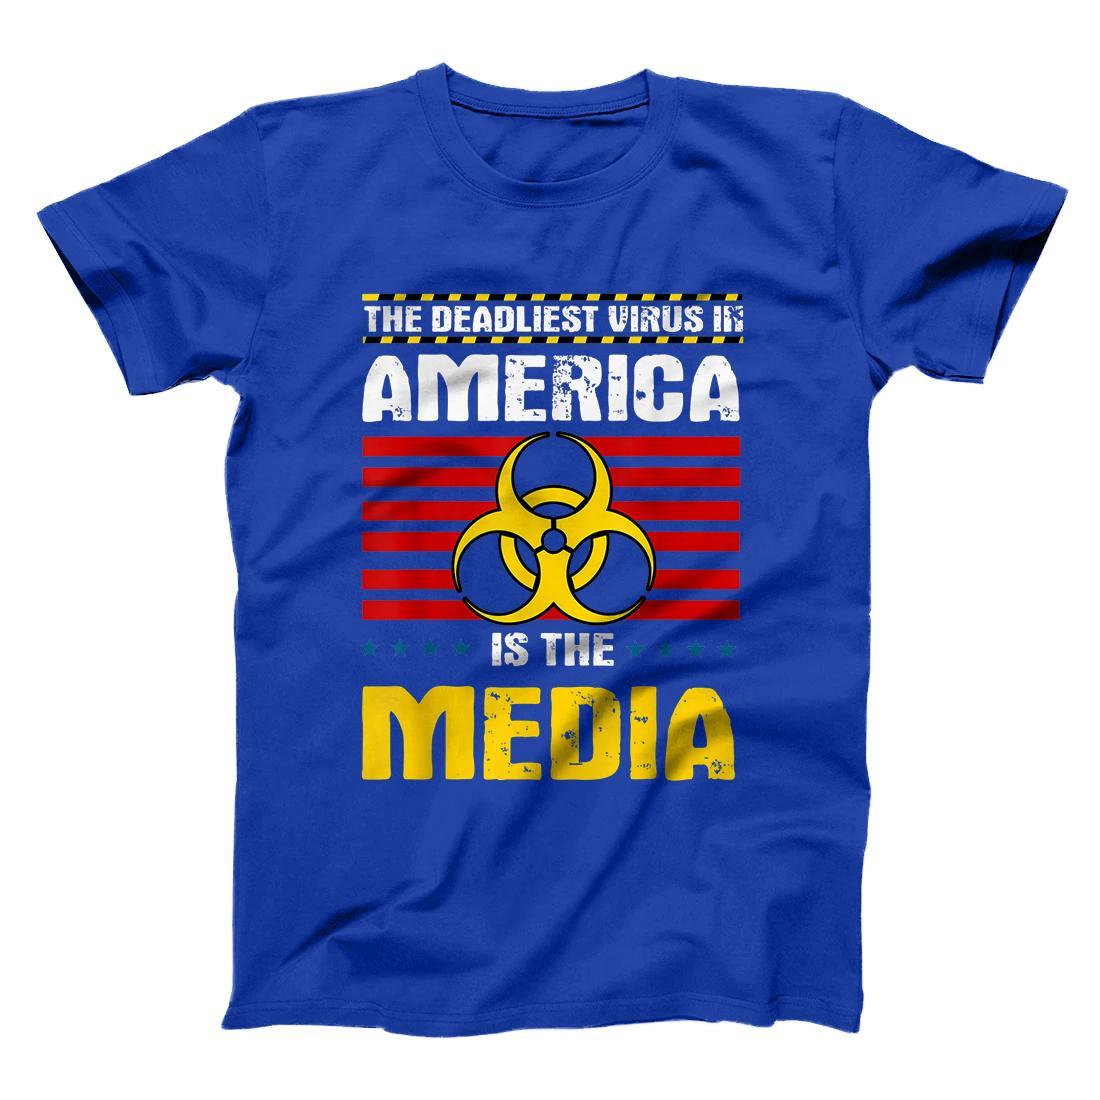 Sleeve not print The Deadliest Virus In America Is The Media Tshirt Unisex Navy